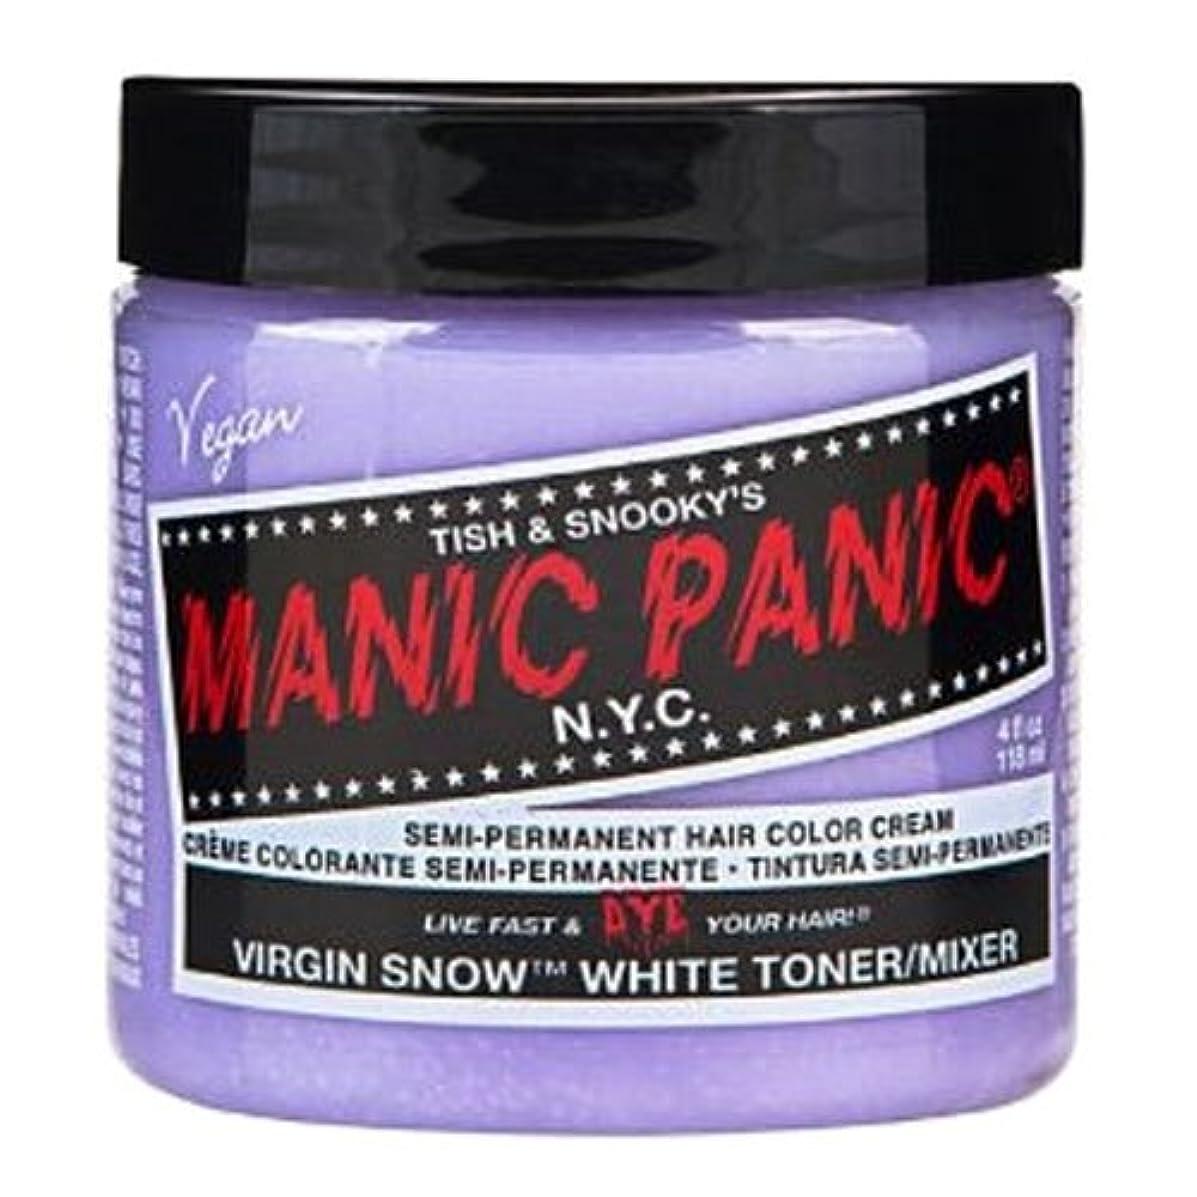 マニックパニック カラークリーム ヴァージンスノー